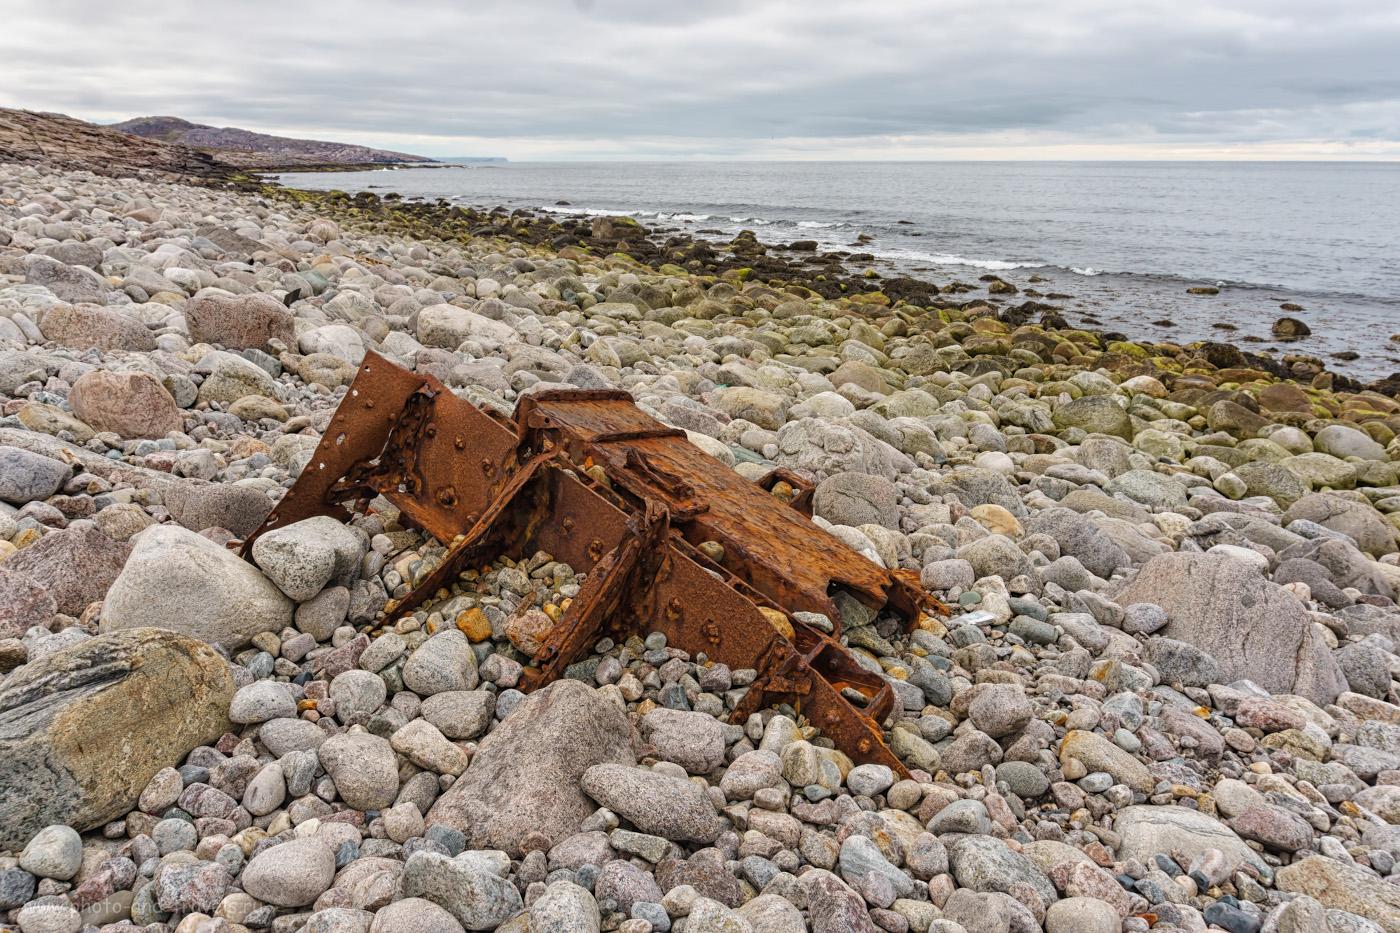 Фотография 16. Галечный пляж левее мыса Жилой - вид в сторону мыса Астровертов. Берег Баренцева моря – Северный Ледовитый океан.